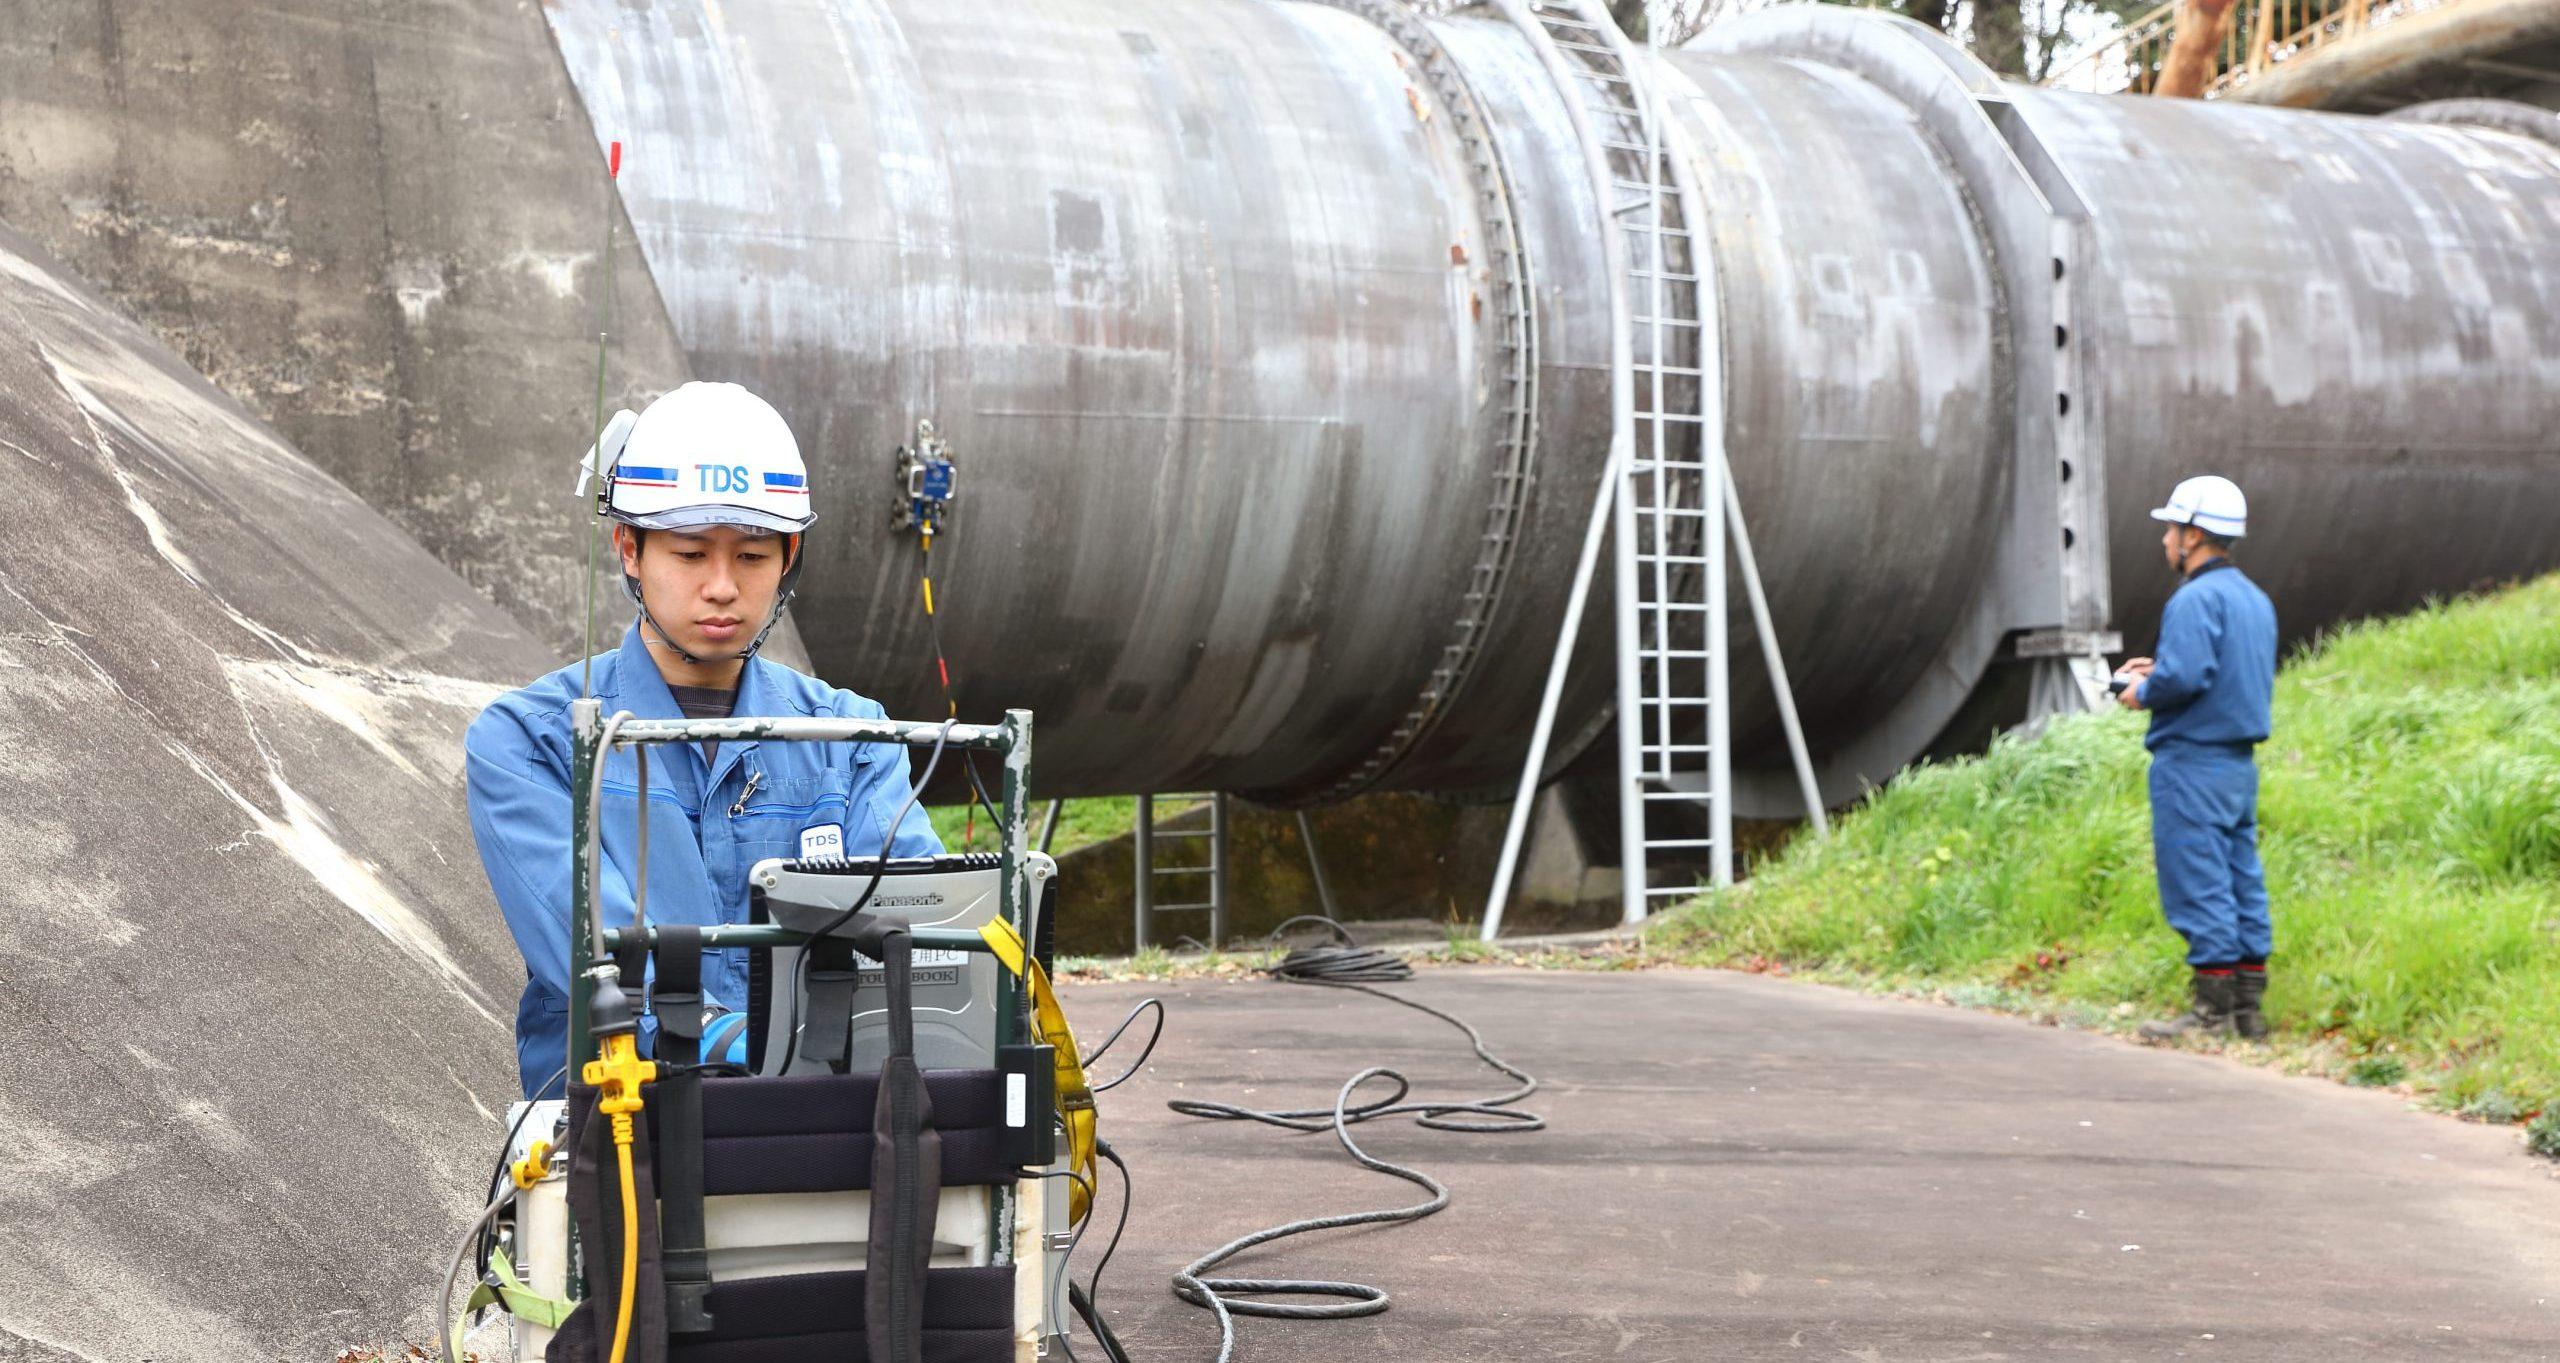 東京電設サービス株式会社(TDS)は各事業部門が一体となった総合力で、お客さまに寄り添い、最適なソリューションでお応えします。